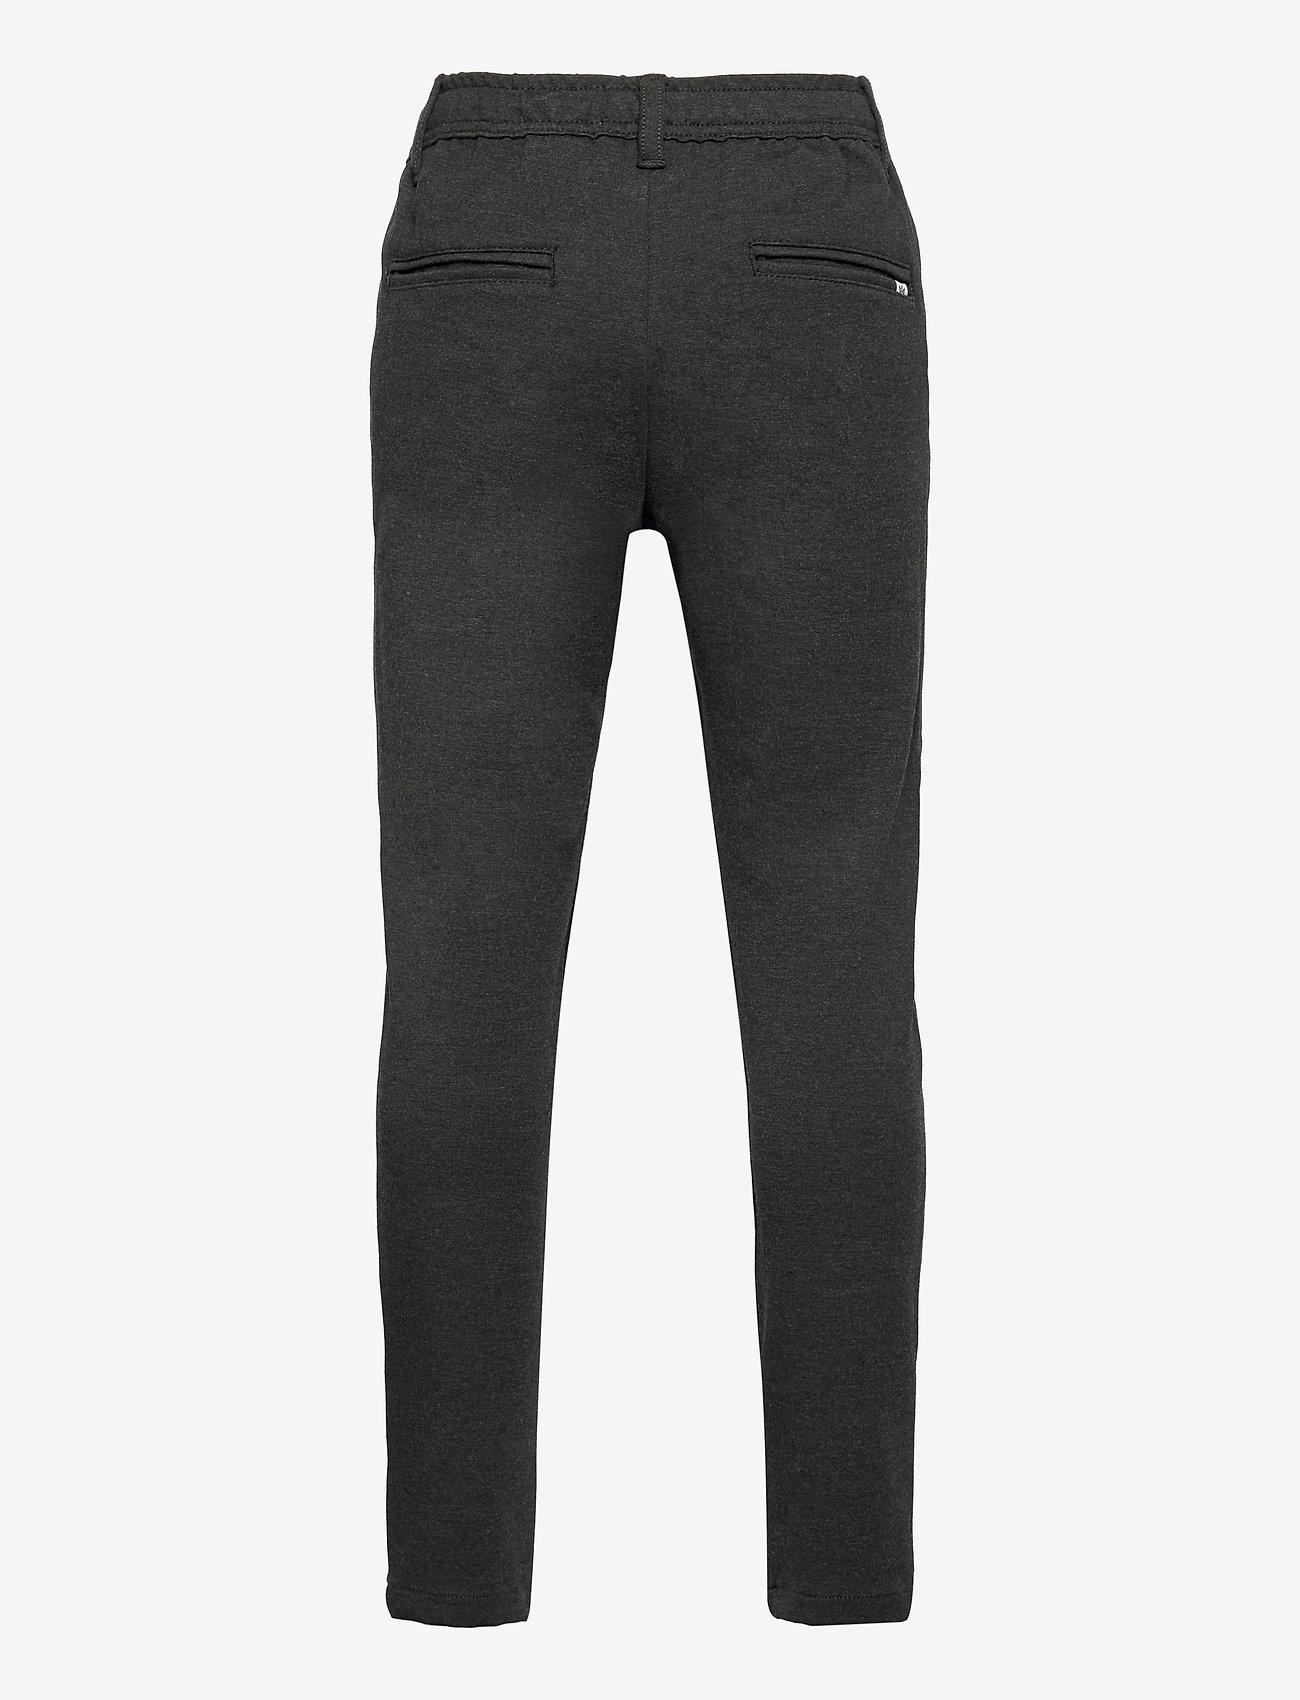 Kronstadt - Club pants - trousers - grey - 1